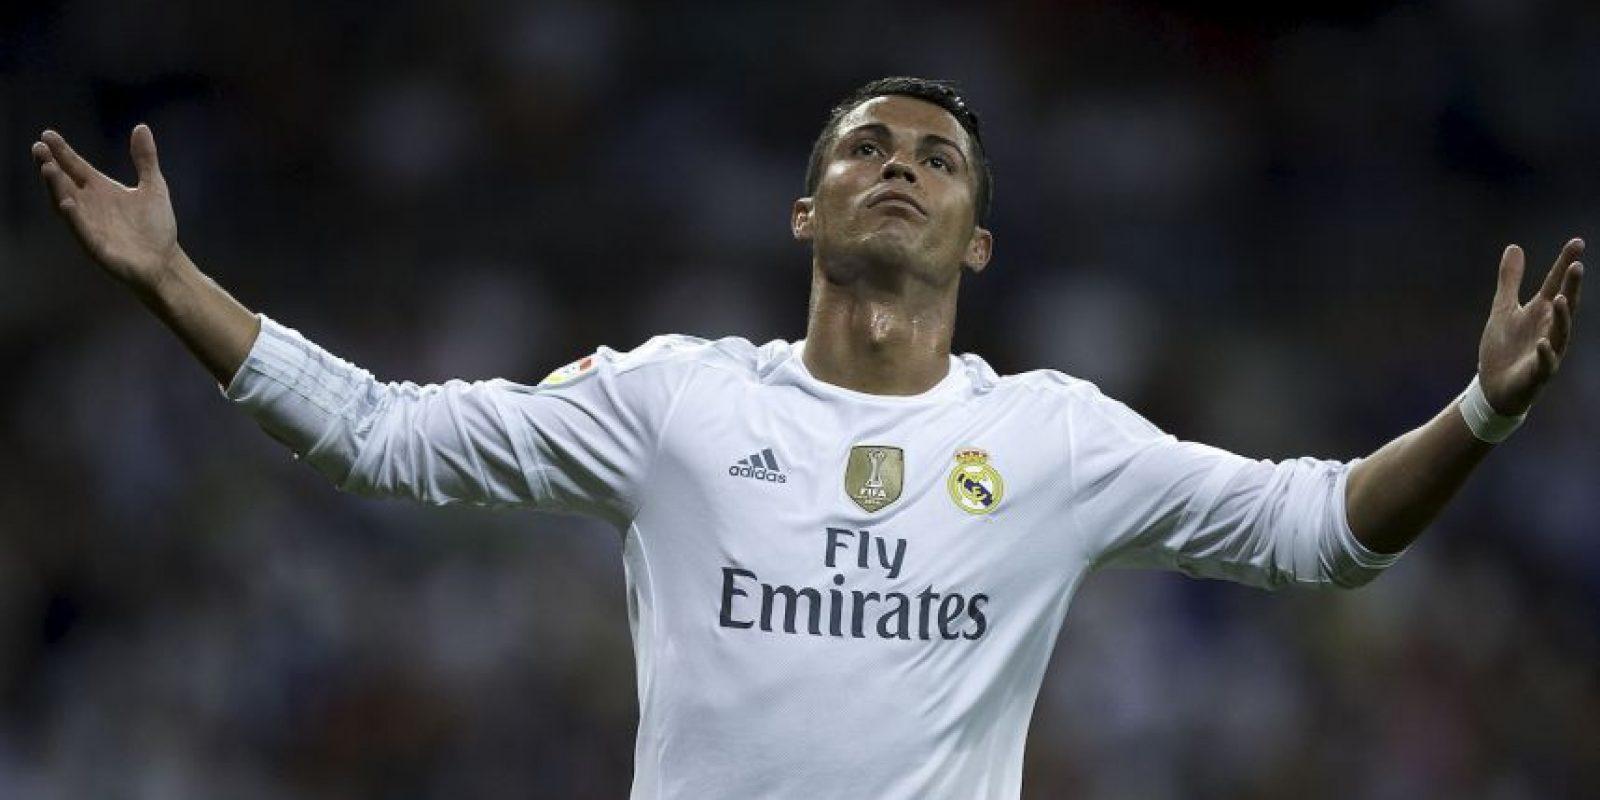 Las ventas de sus camisetas aumentaron un 108% luego de que ganara el Balón de Oro 2015. Además, en la primera mitad del año, el portugués se cansó de imponer y romper récords goleadores. Foto:Getty Images